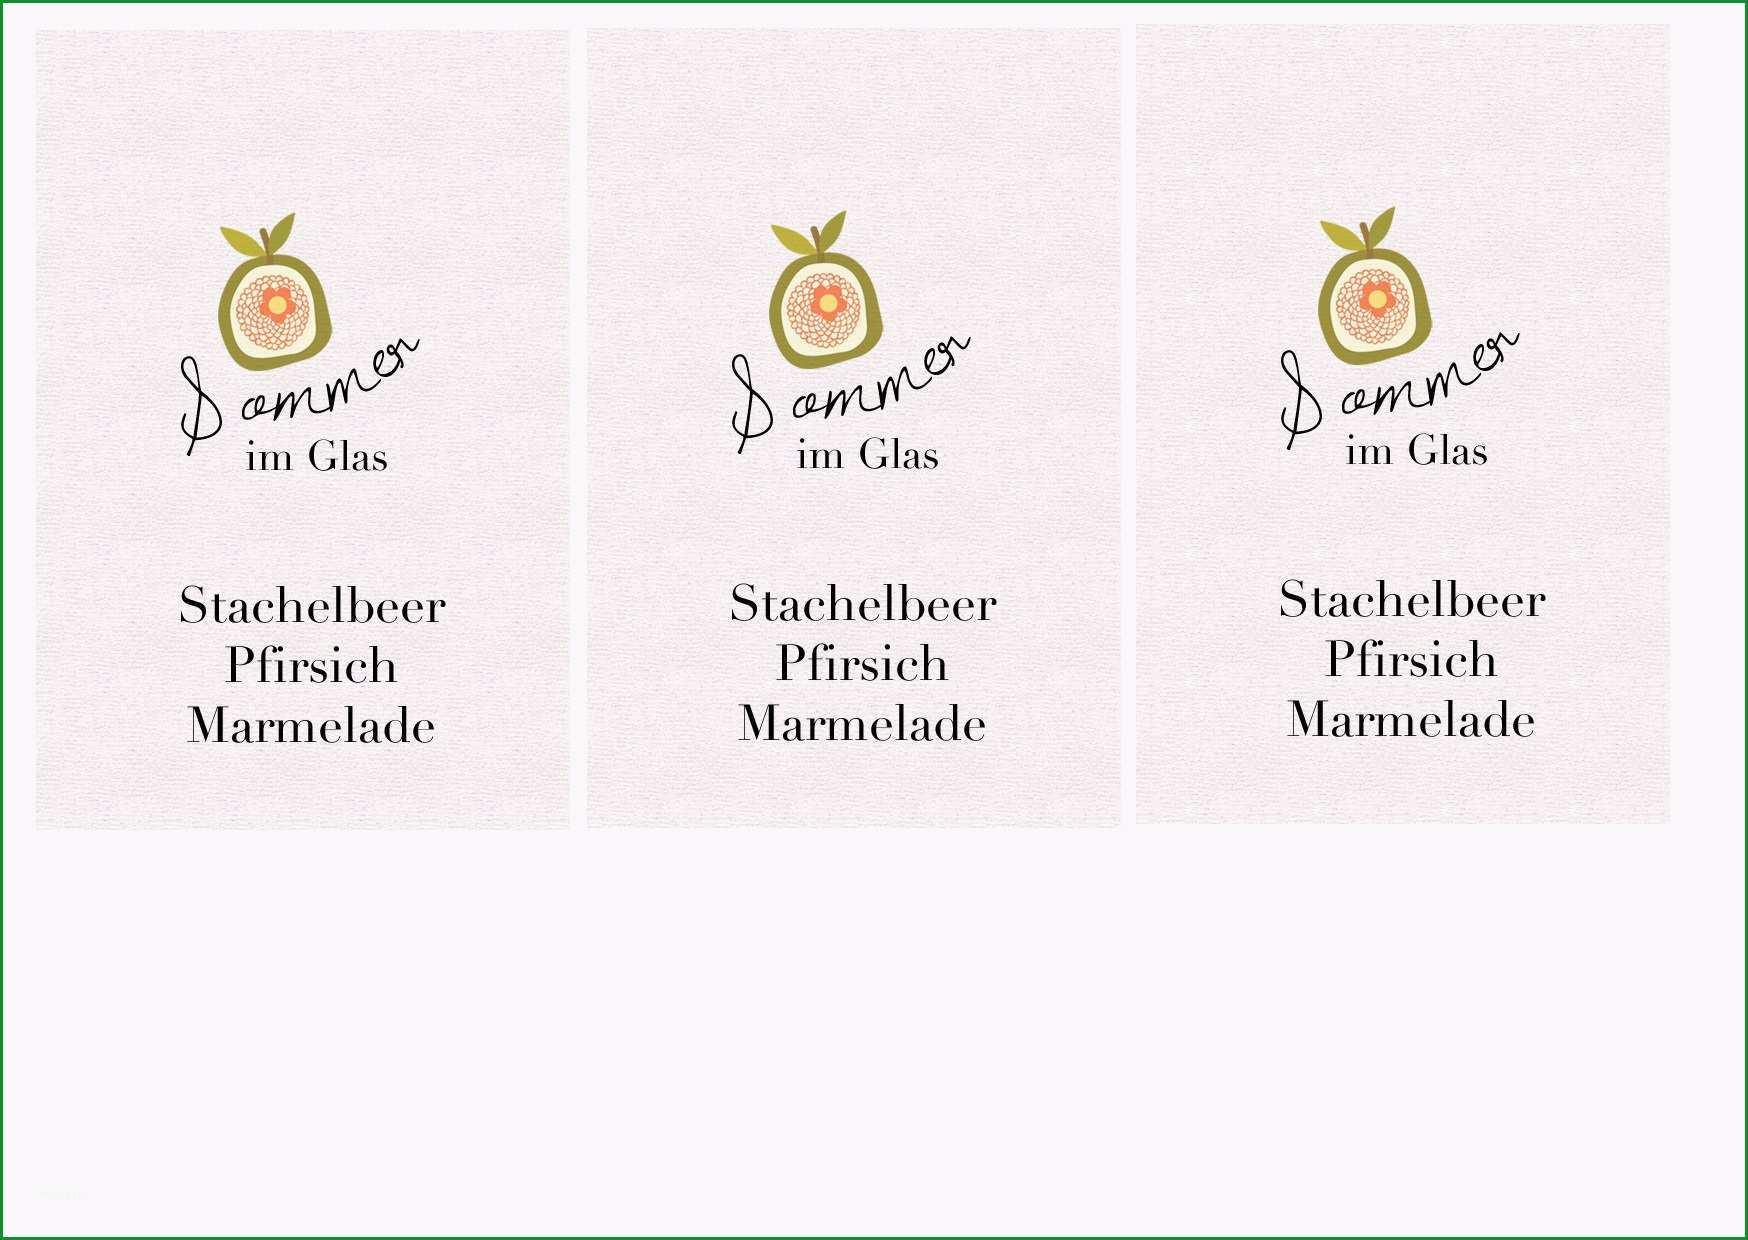 etiketten marmelade vorlage word